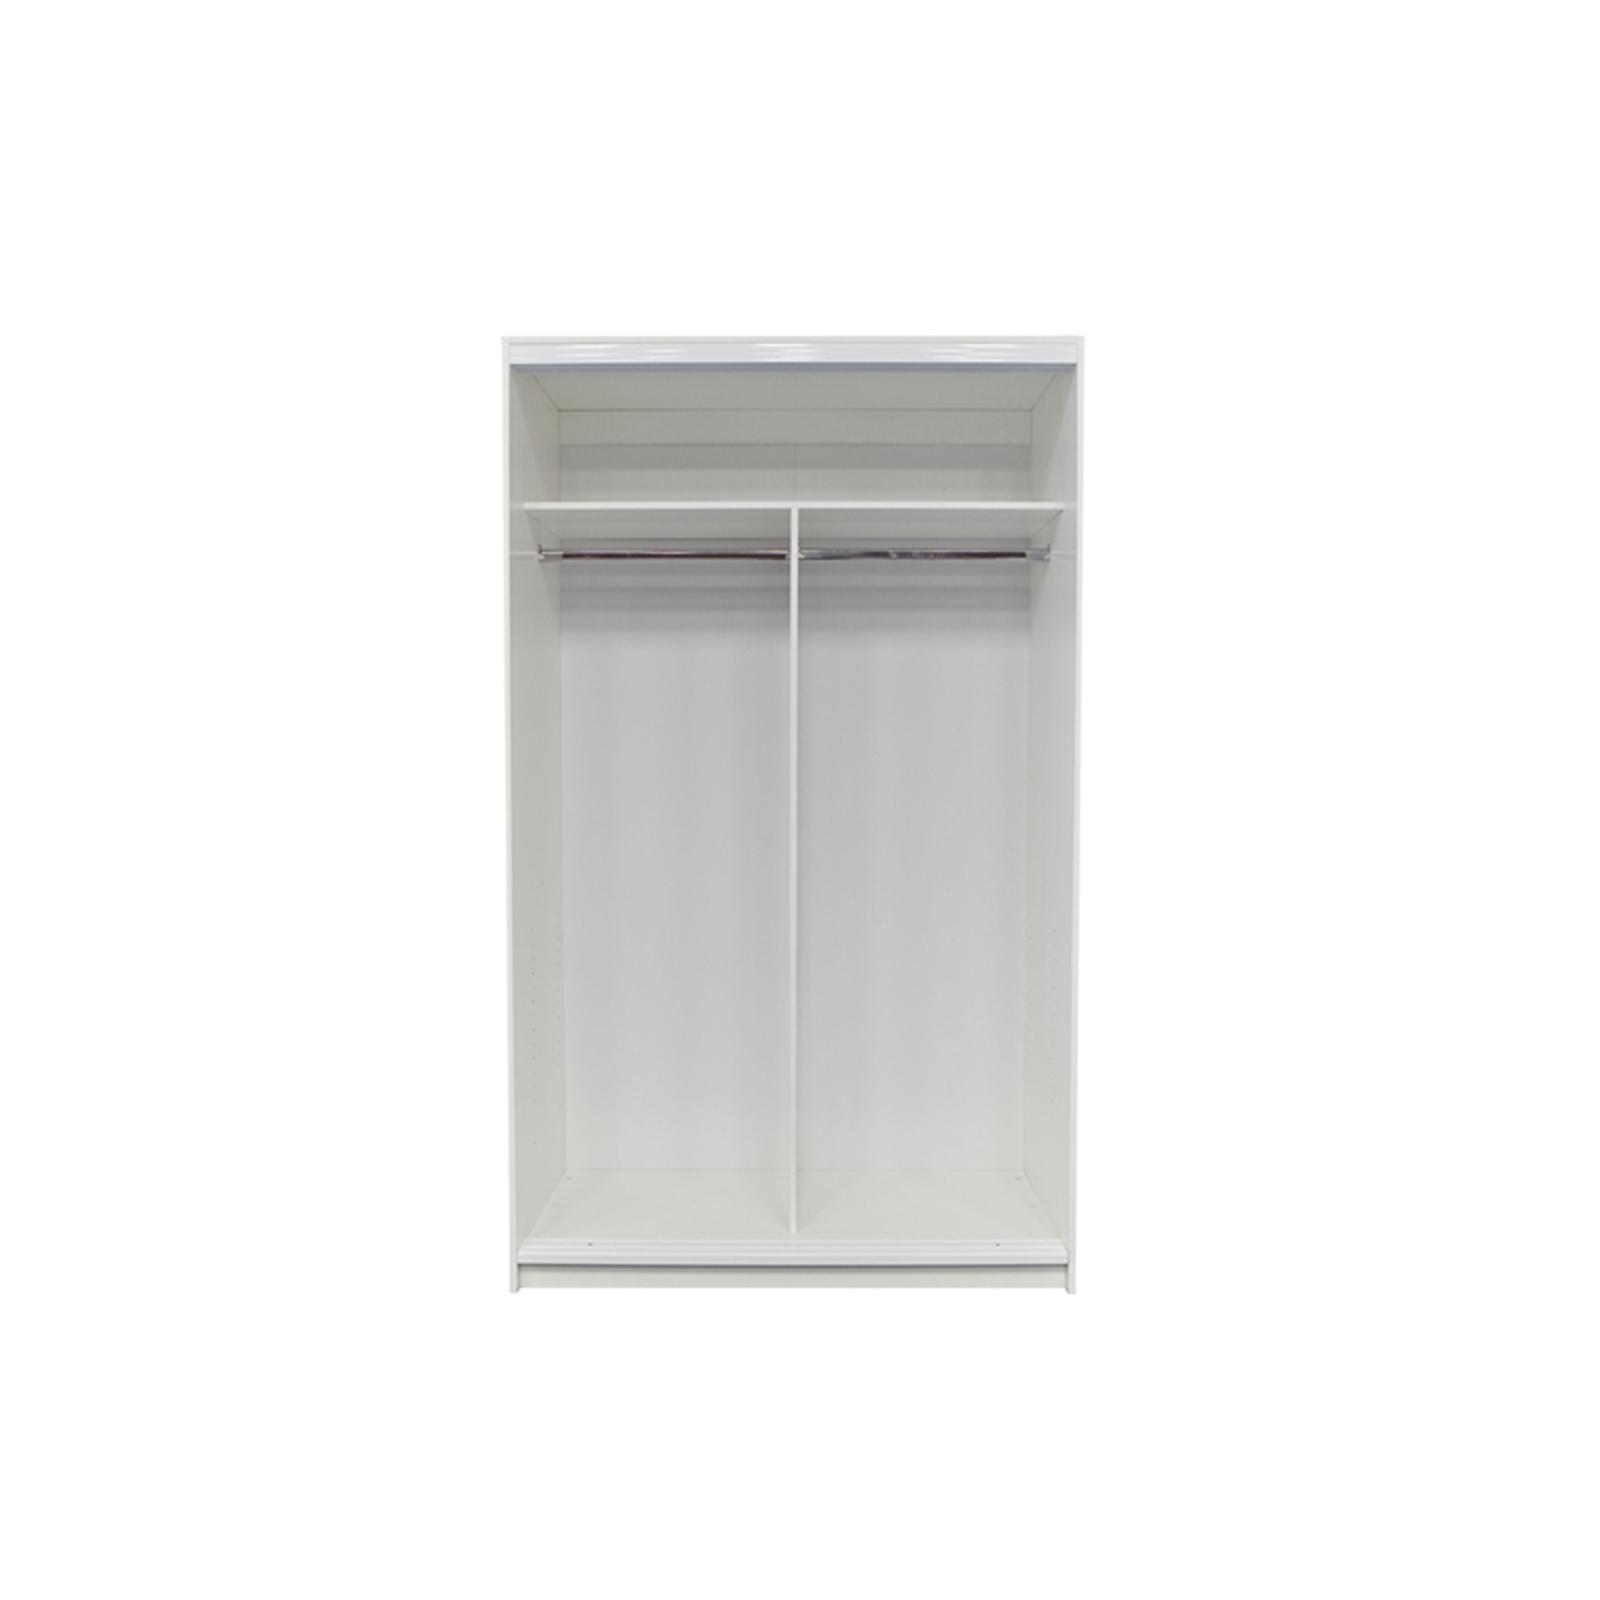 Bedford 2000 x 1200 x 595mm White Wardrobe Unit